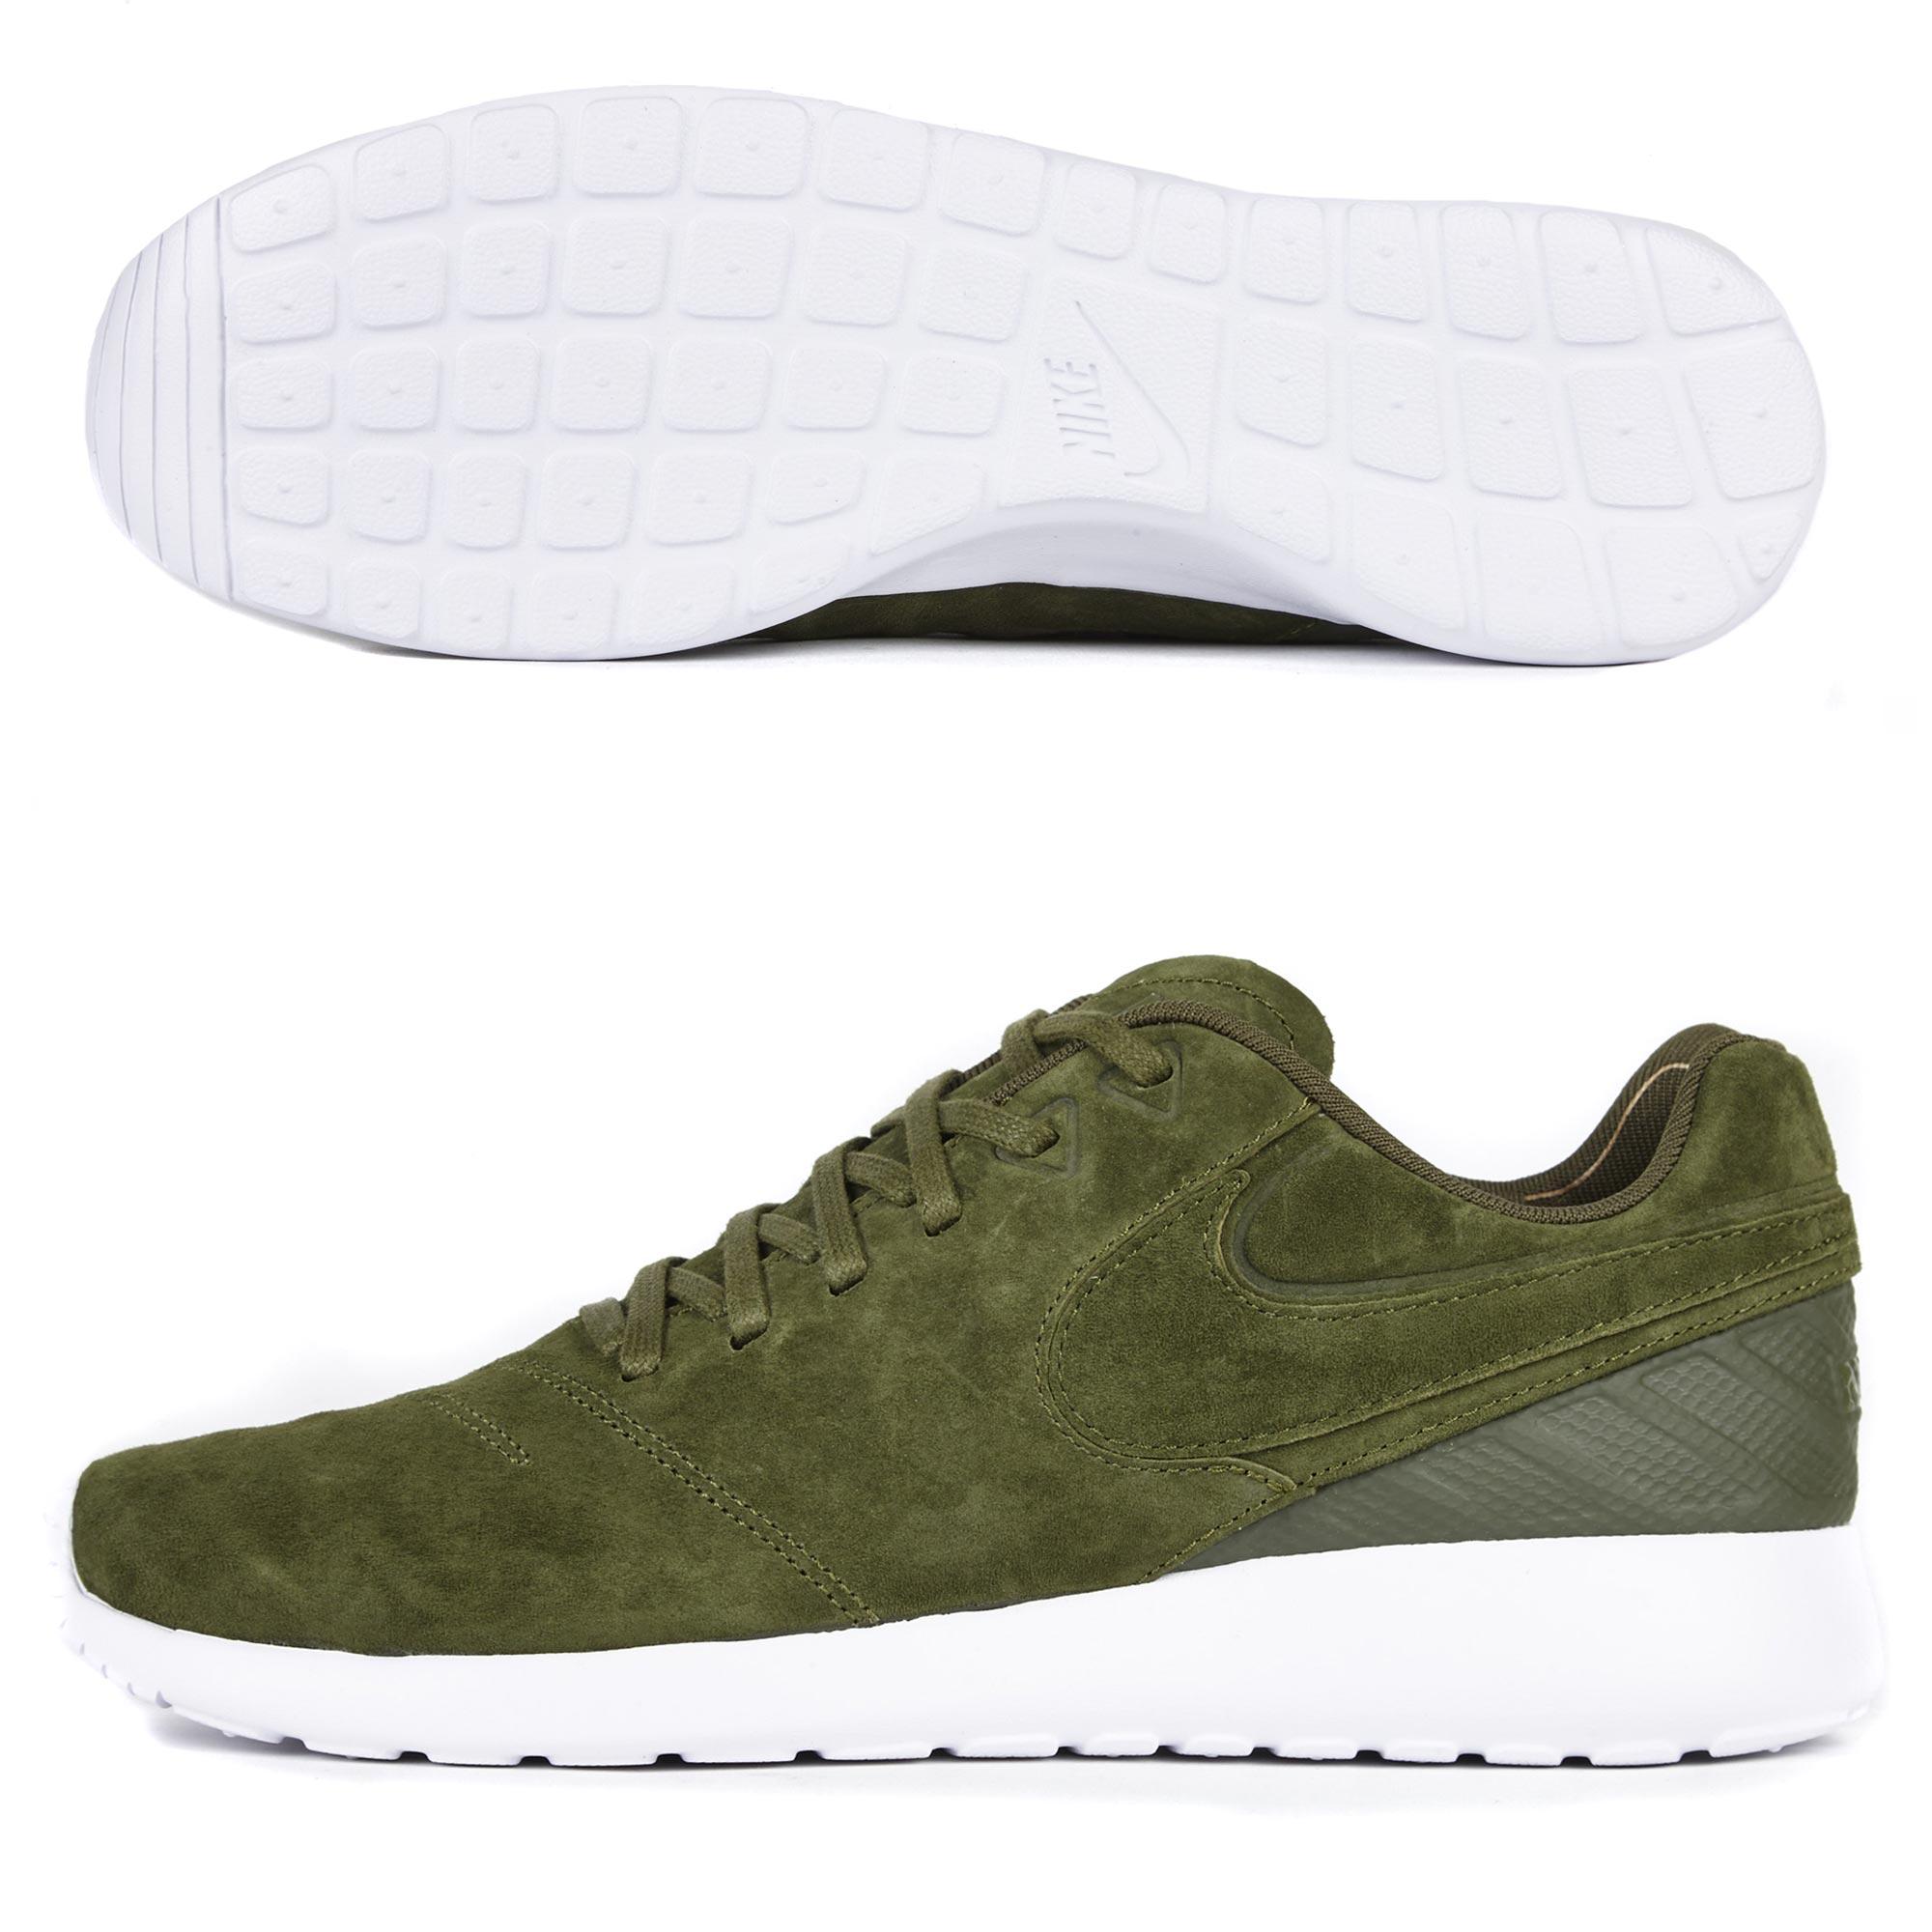 Nike F.C. Roshe Tiempo VI Trainers - Legion Green/Legion Green/White